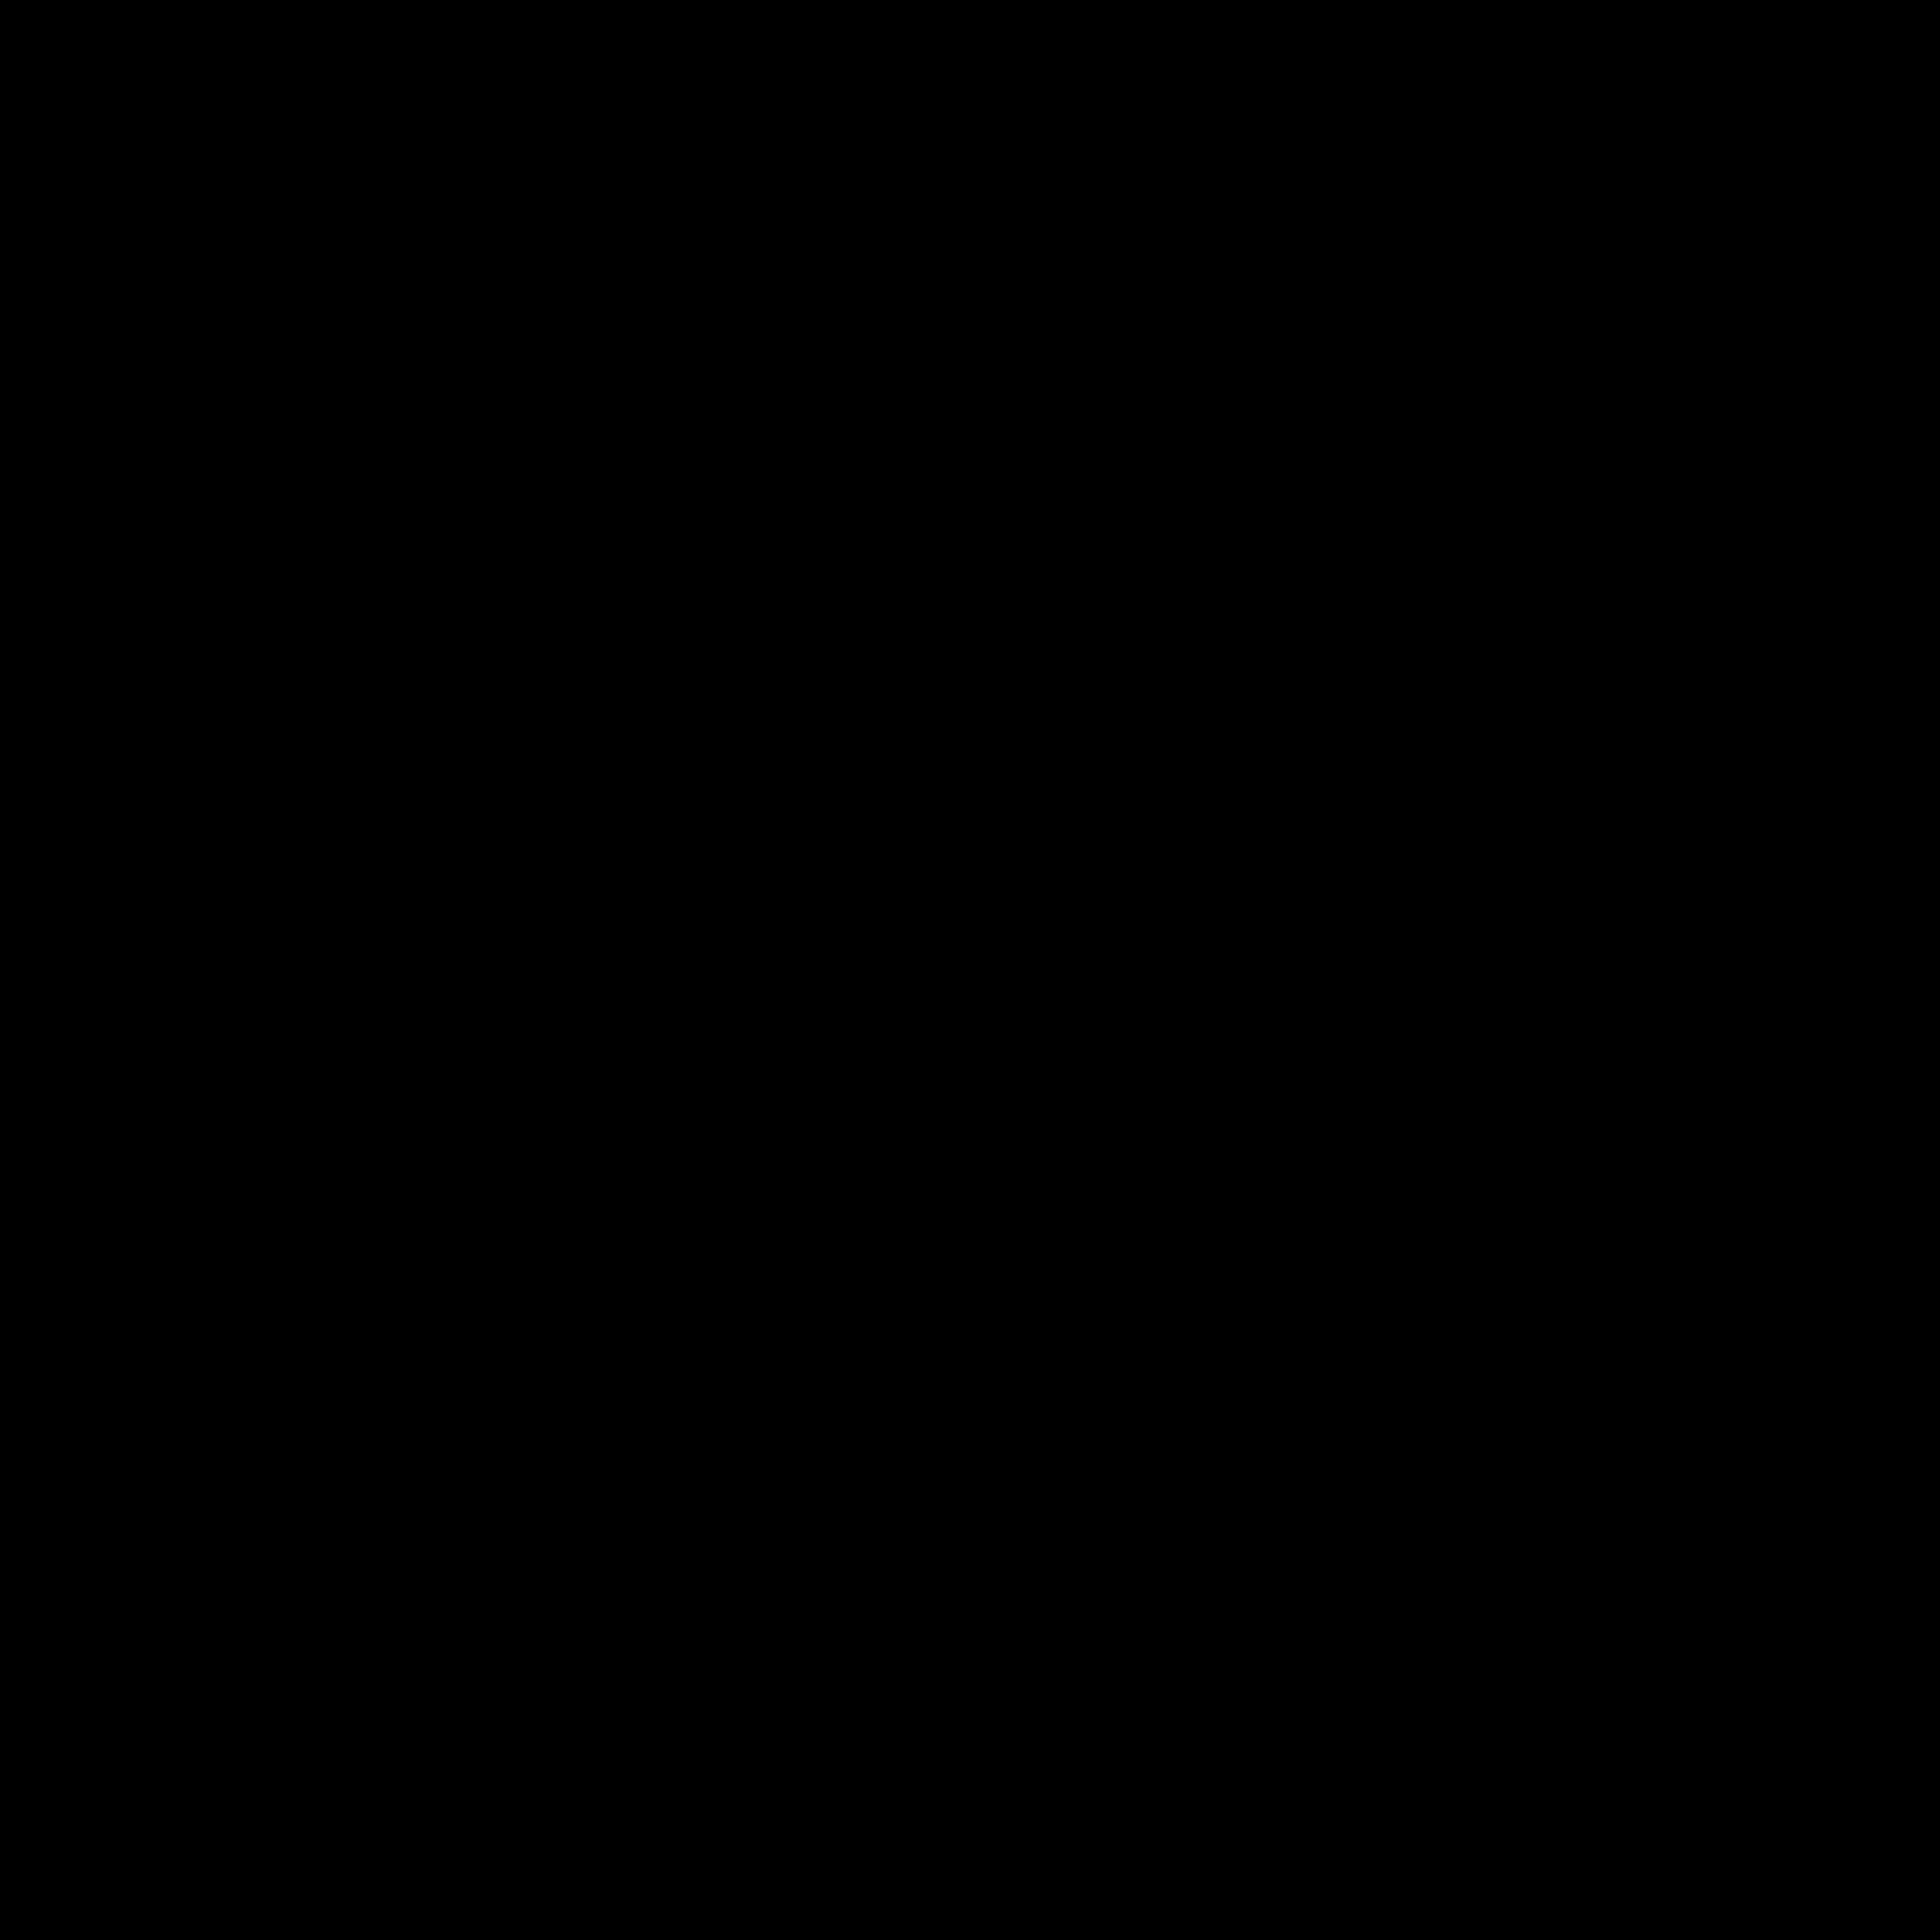 Biotherm 02 Logo PNG Transparent & SVG Vector.